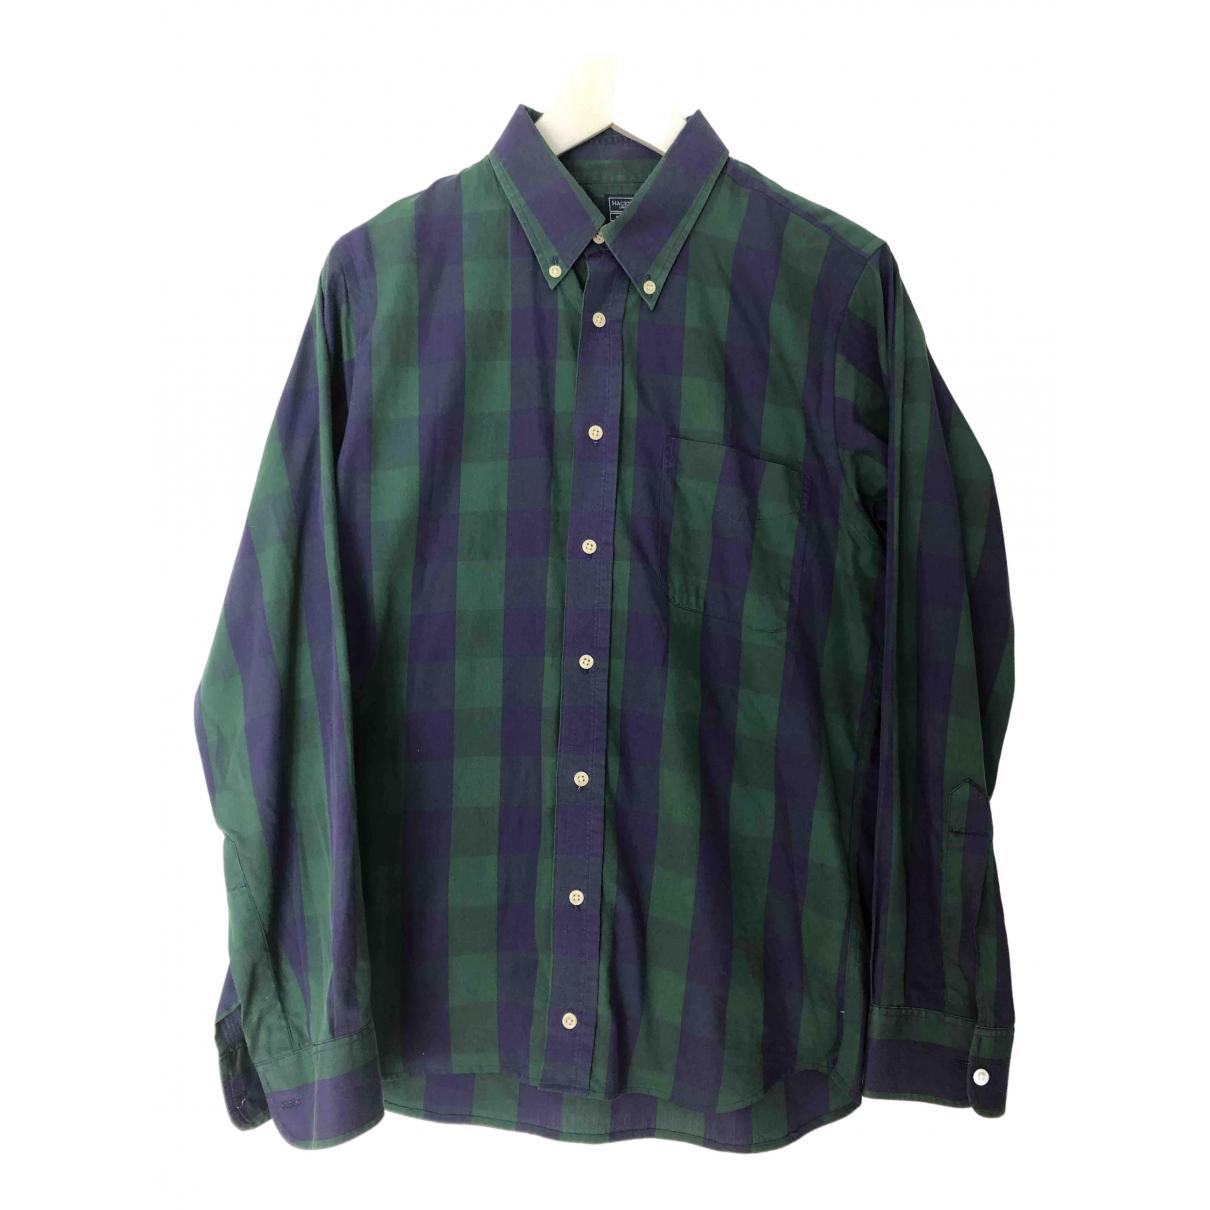 Hackett London N Multicolour Cotton Shirts for Men 16 UK - US (tour de cou / collar)